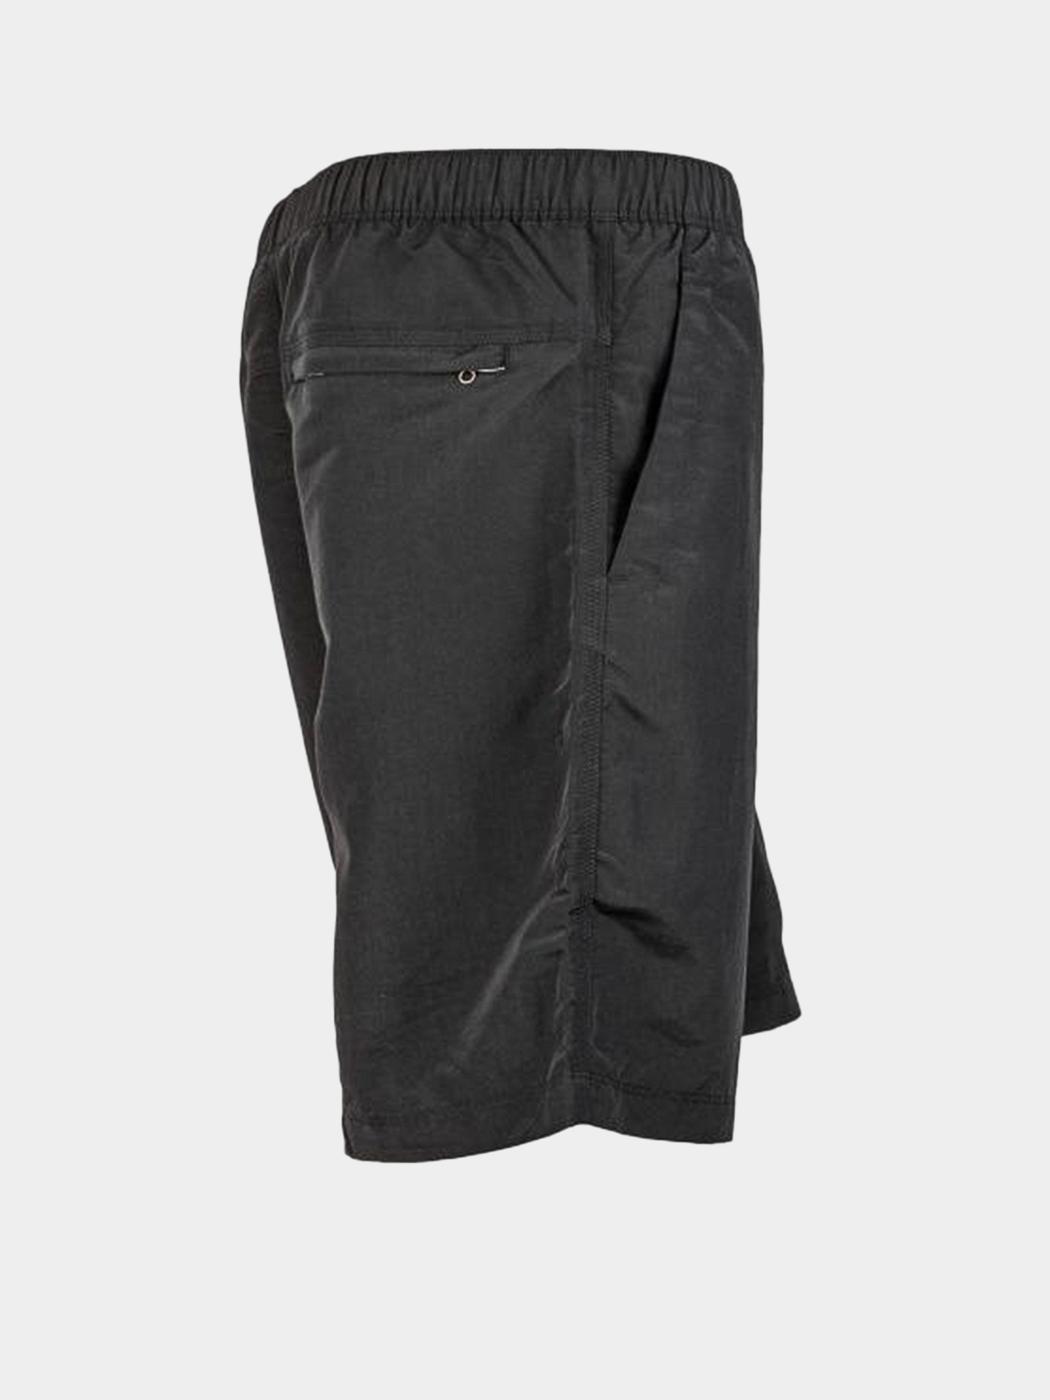 Шорты мужские The North Face модель N2191 качество, 2017